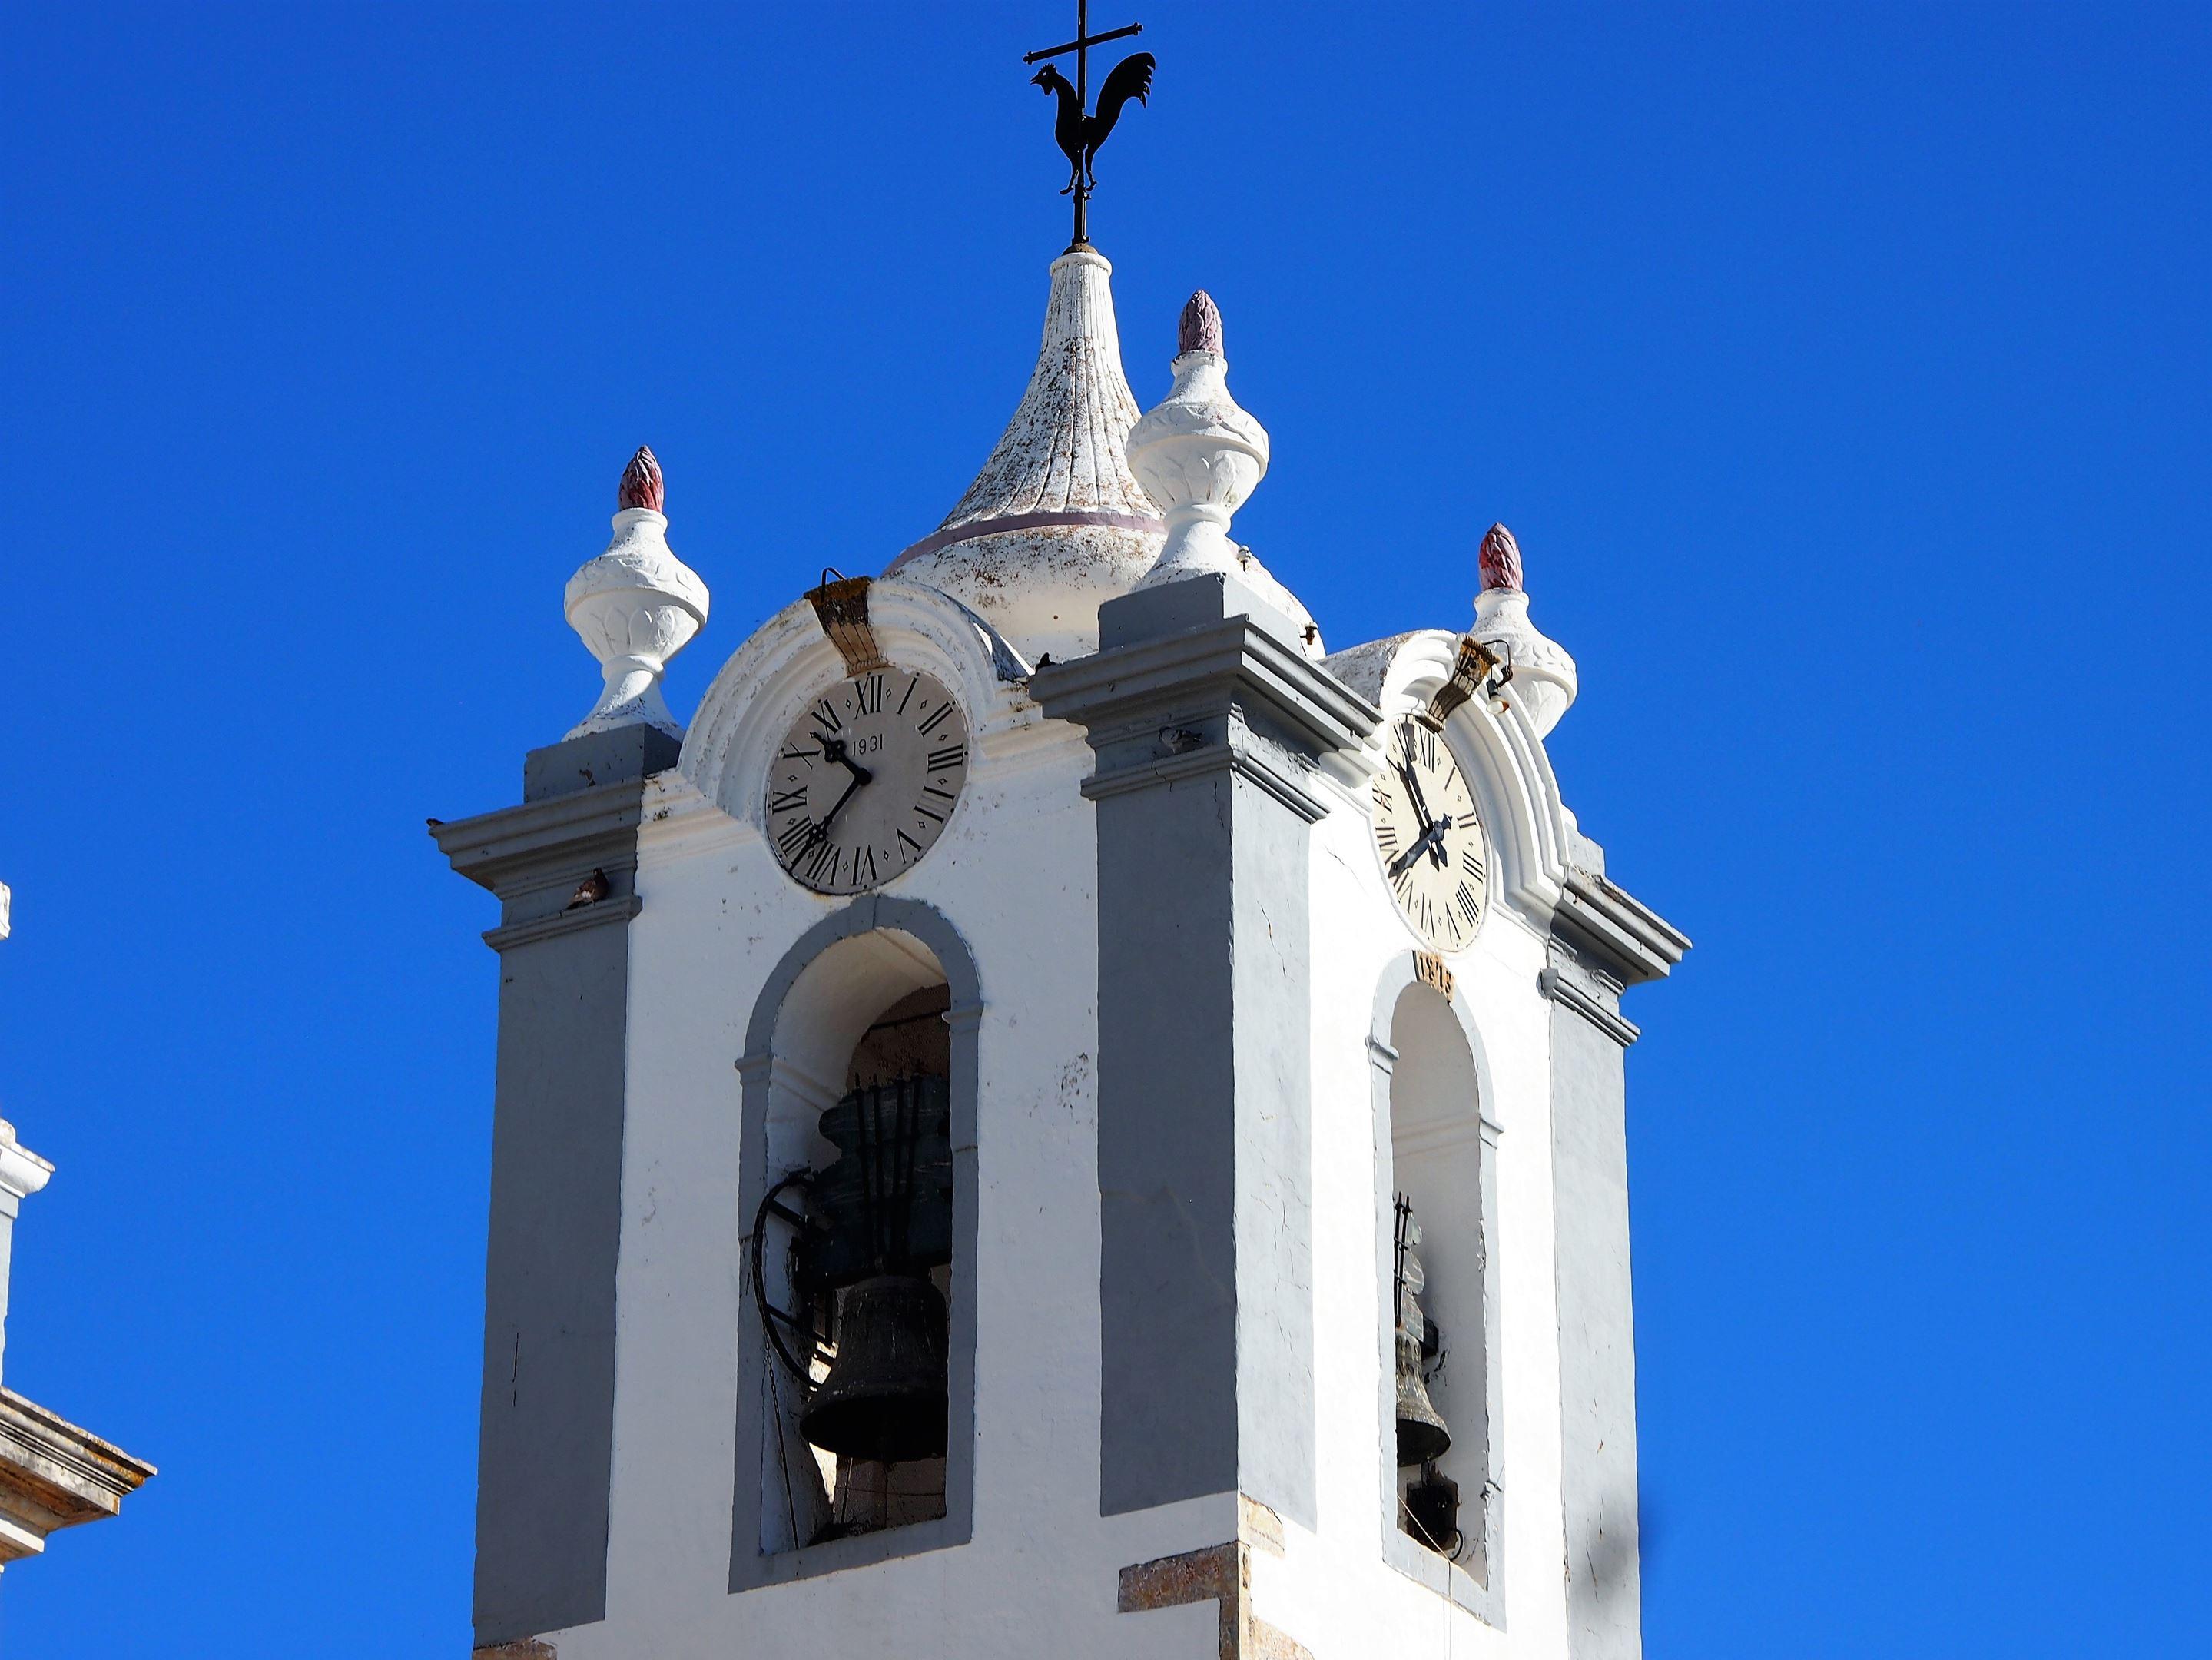 La tour de l'horloge de l'Igreja Matriz de Estoi